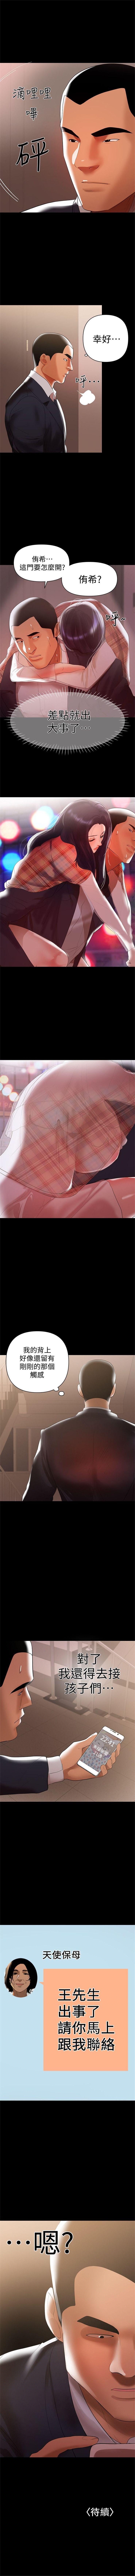 (週6)兼職奶媽 1-31 中文翻譯 (更新中) 49